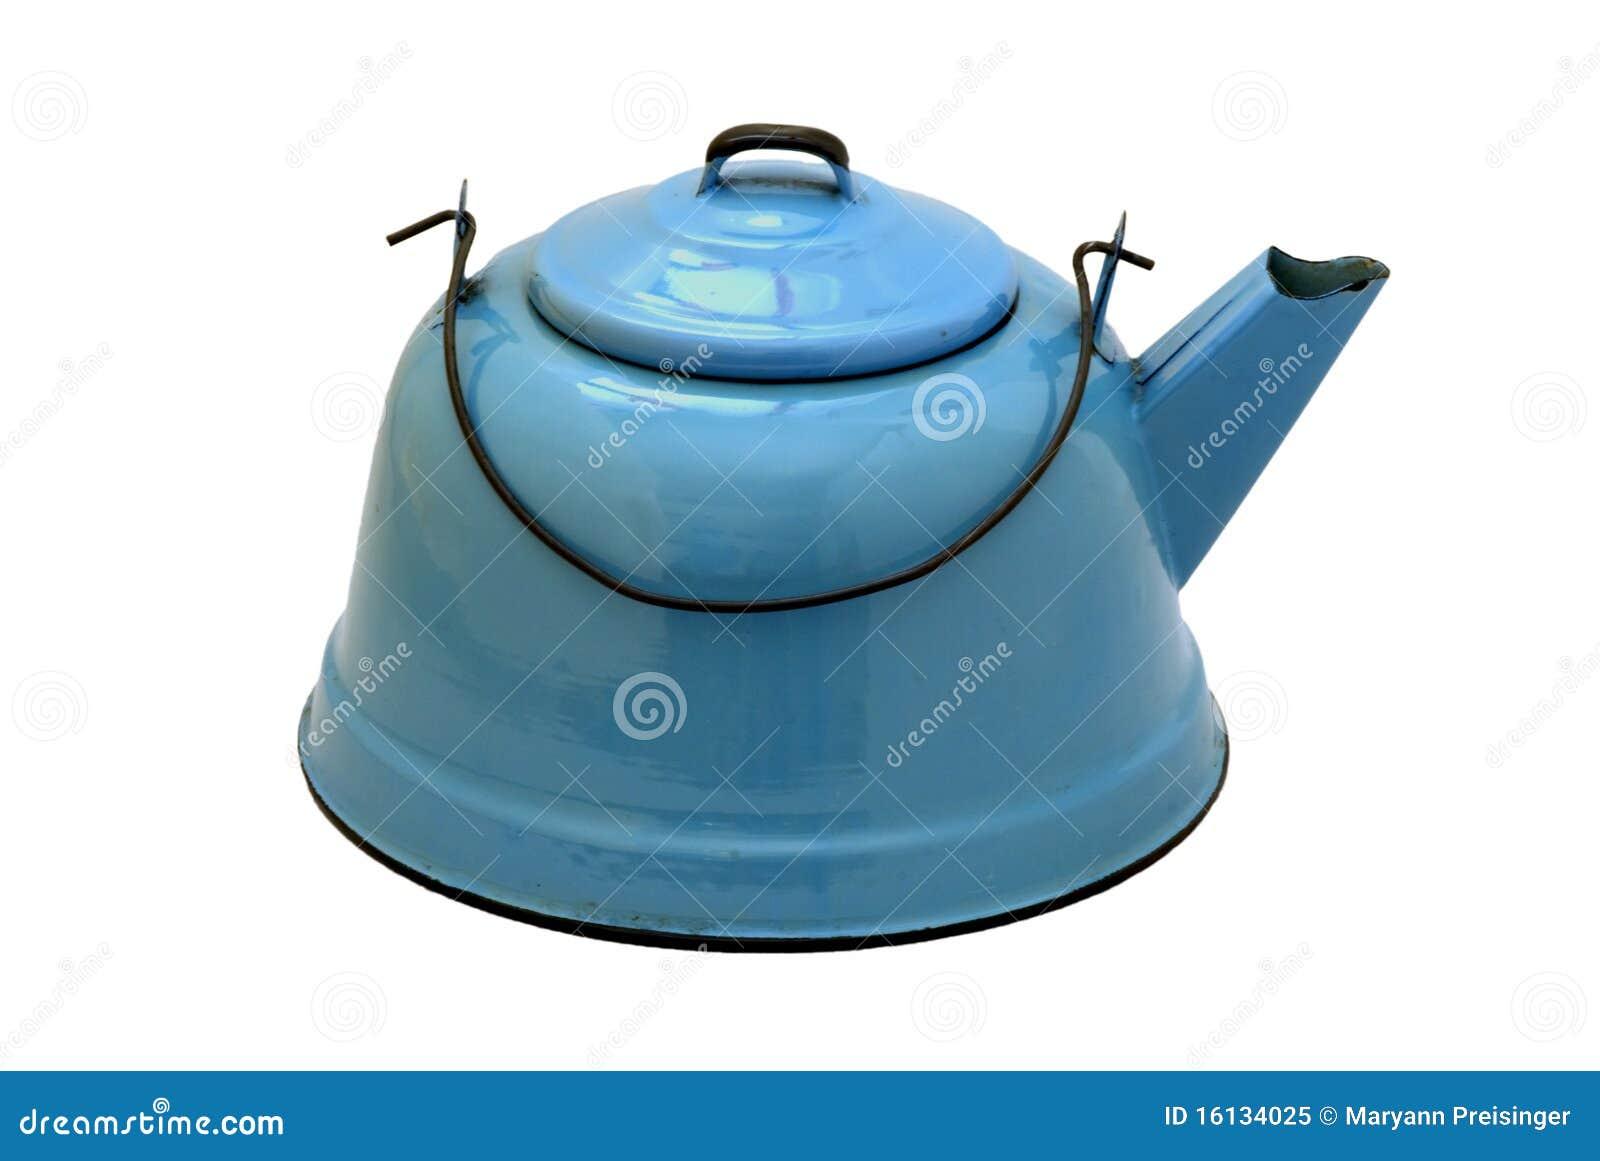 Isolated Vintage Blue Enamel Teakettle Stock Image - Image of water ...